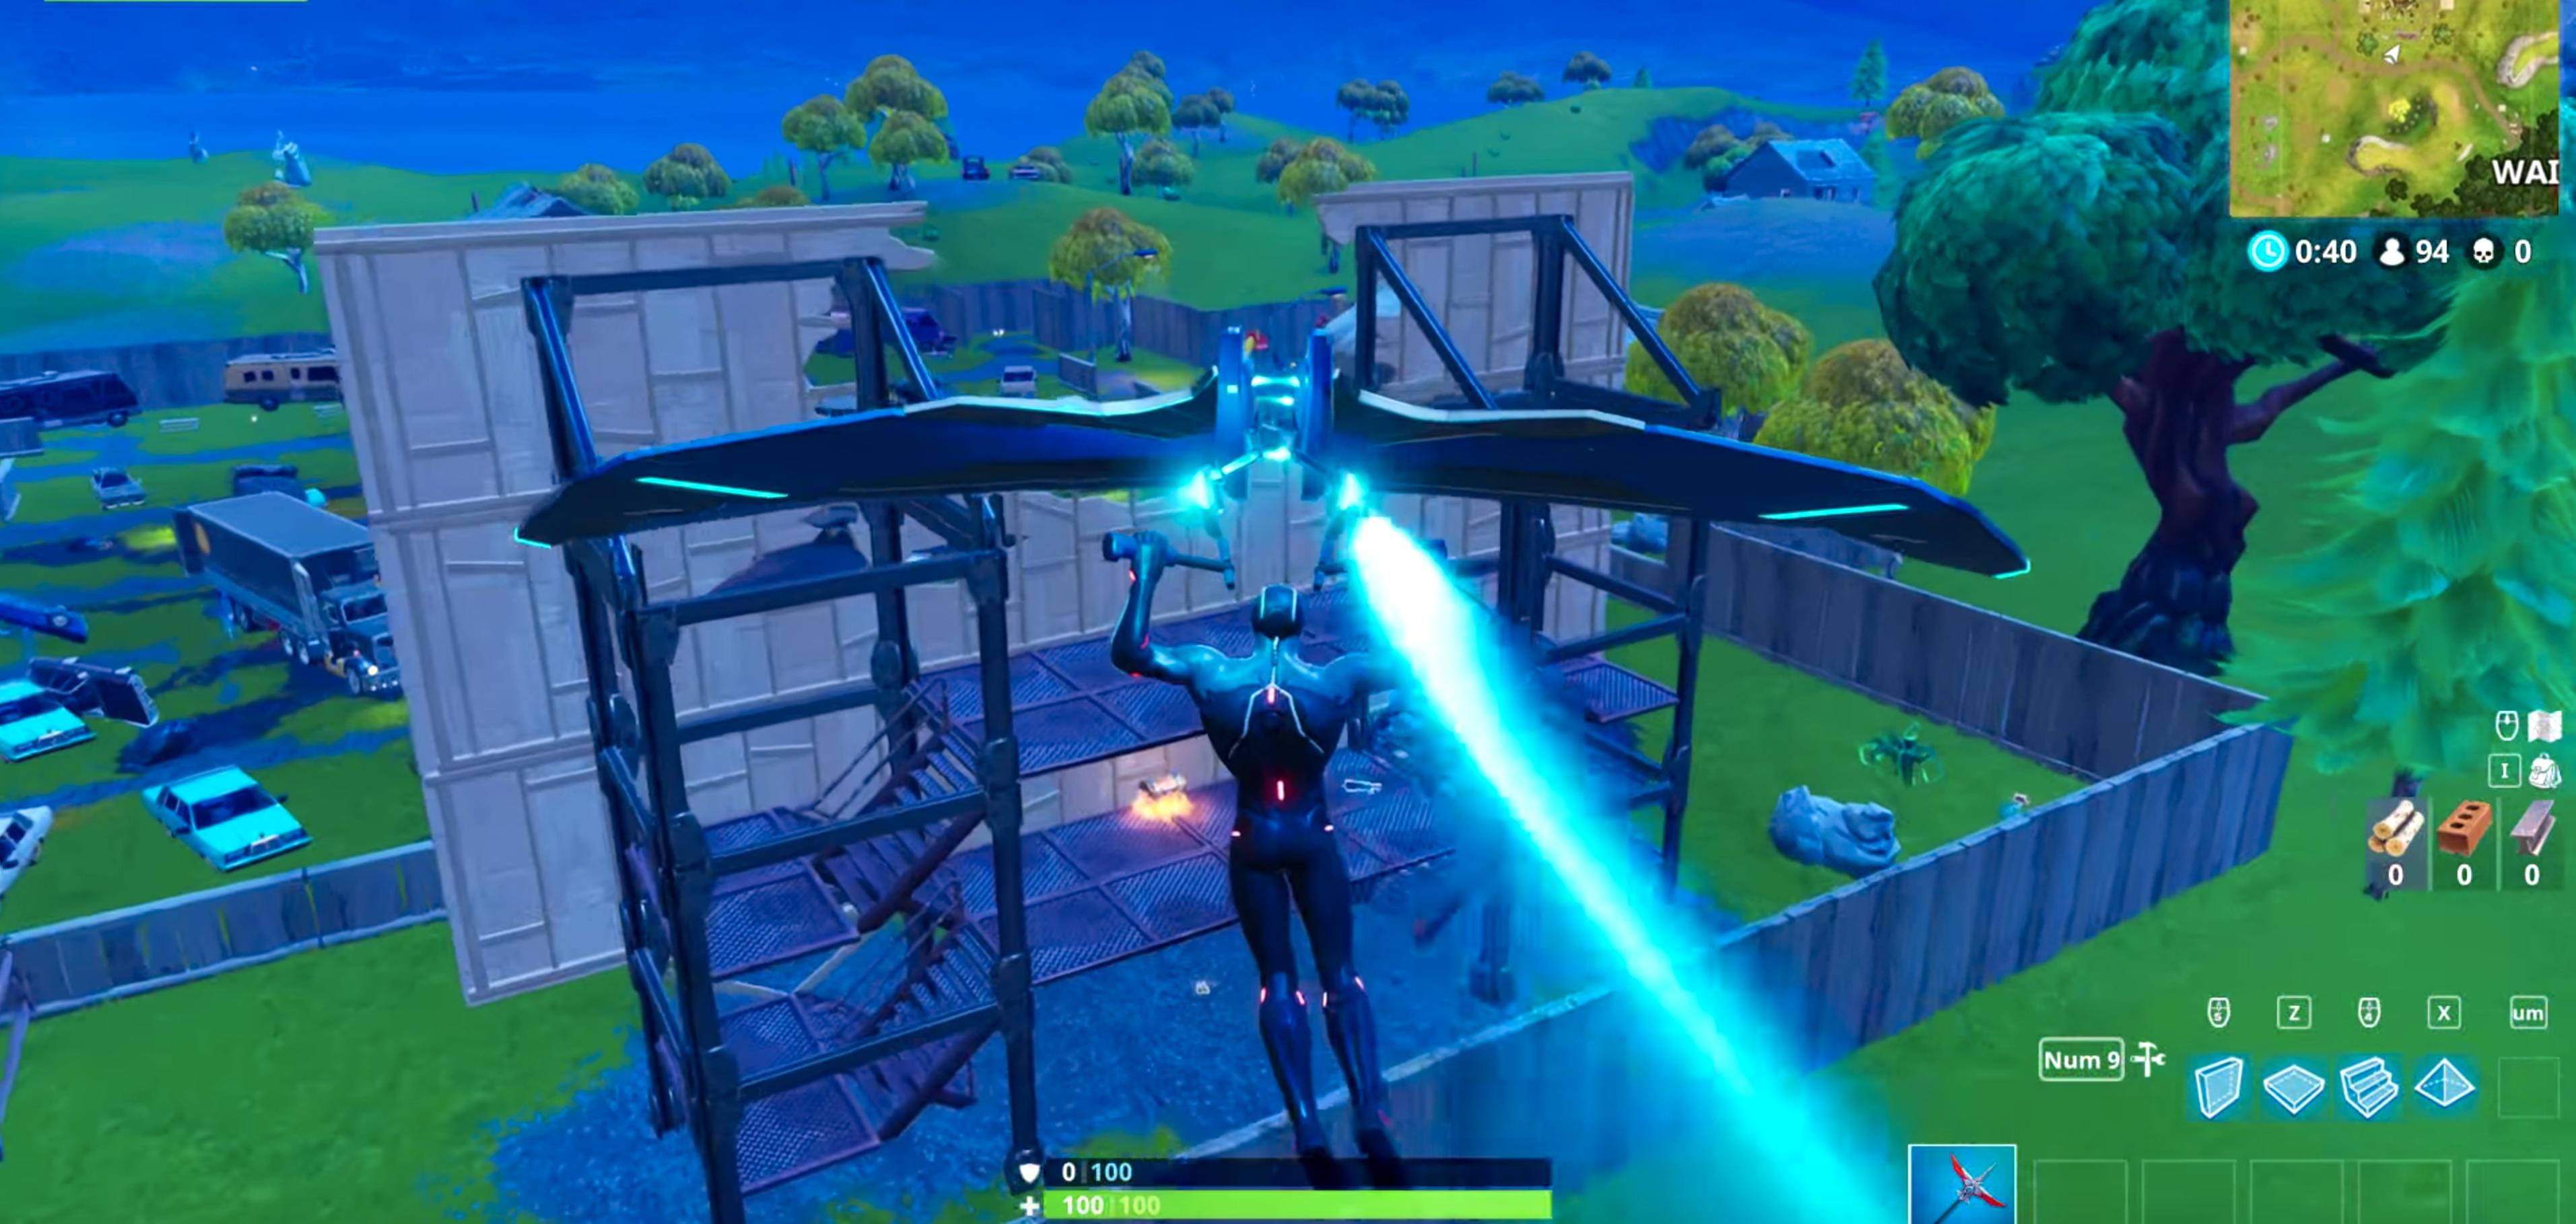 Her kan man se både en kiste og en shotgun med én gang – og ingen utfordrere rundt. En mer eller mindre optimal landing.